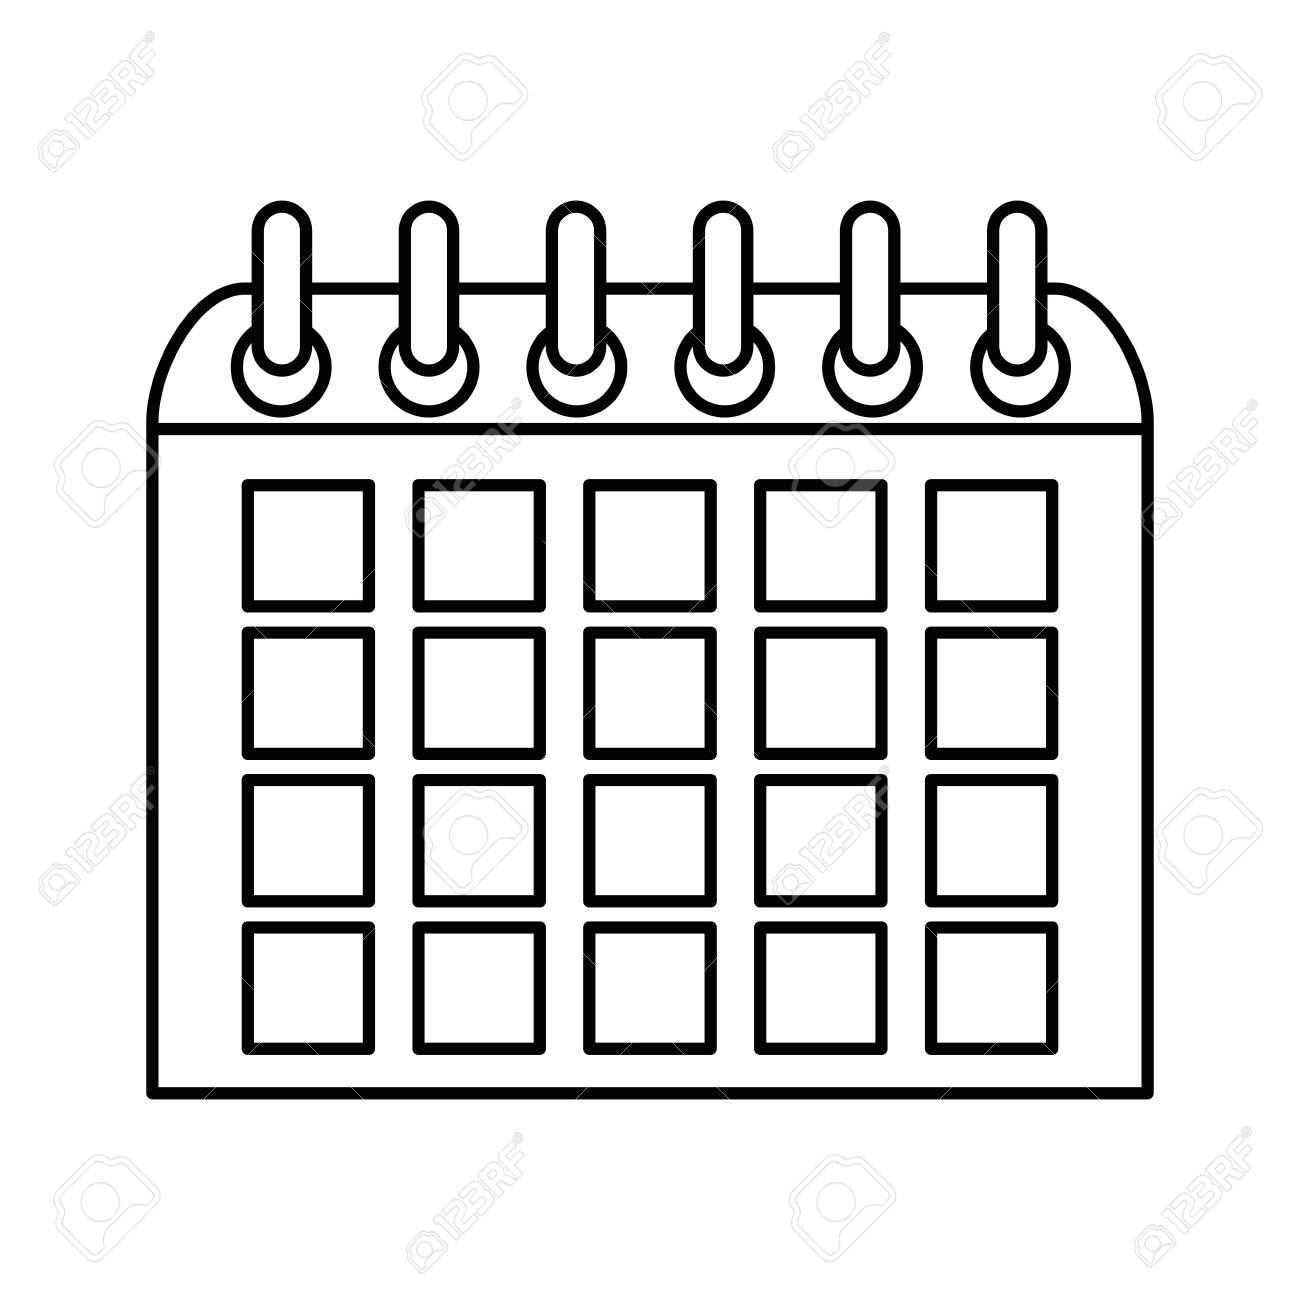 Calendario Academico Us.Calendario Escolar No Ano Novo Para Ilustracao Vetorial De Estudo